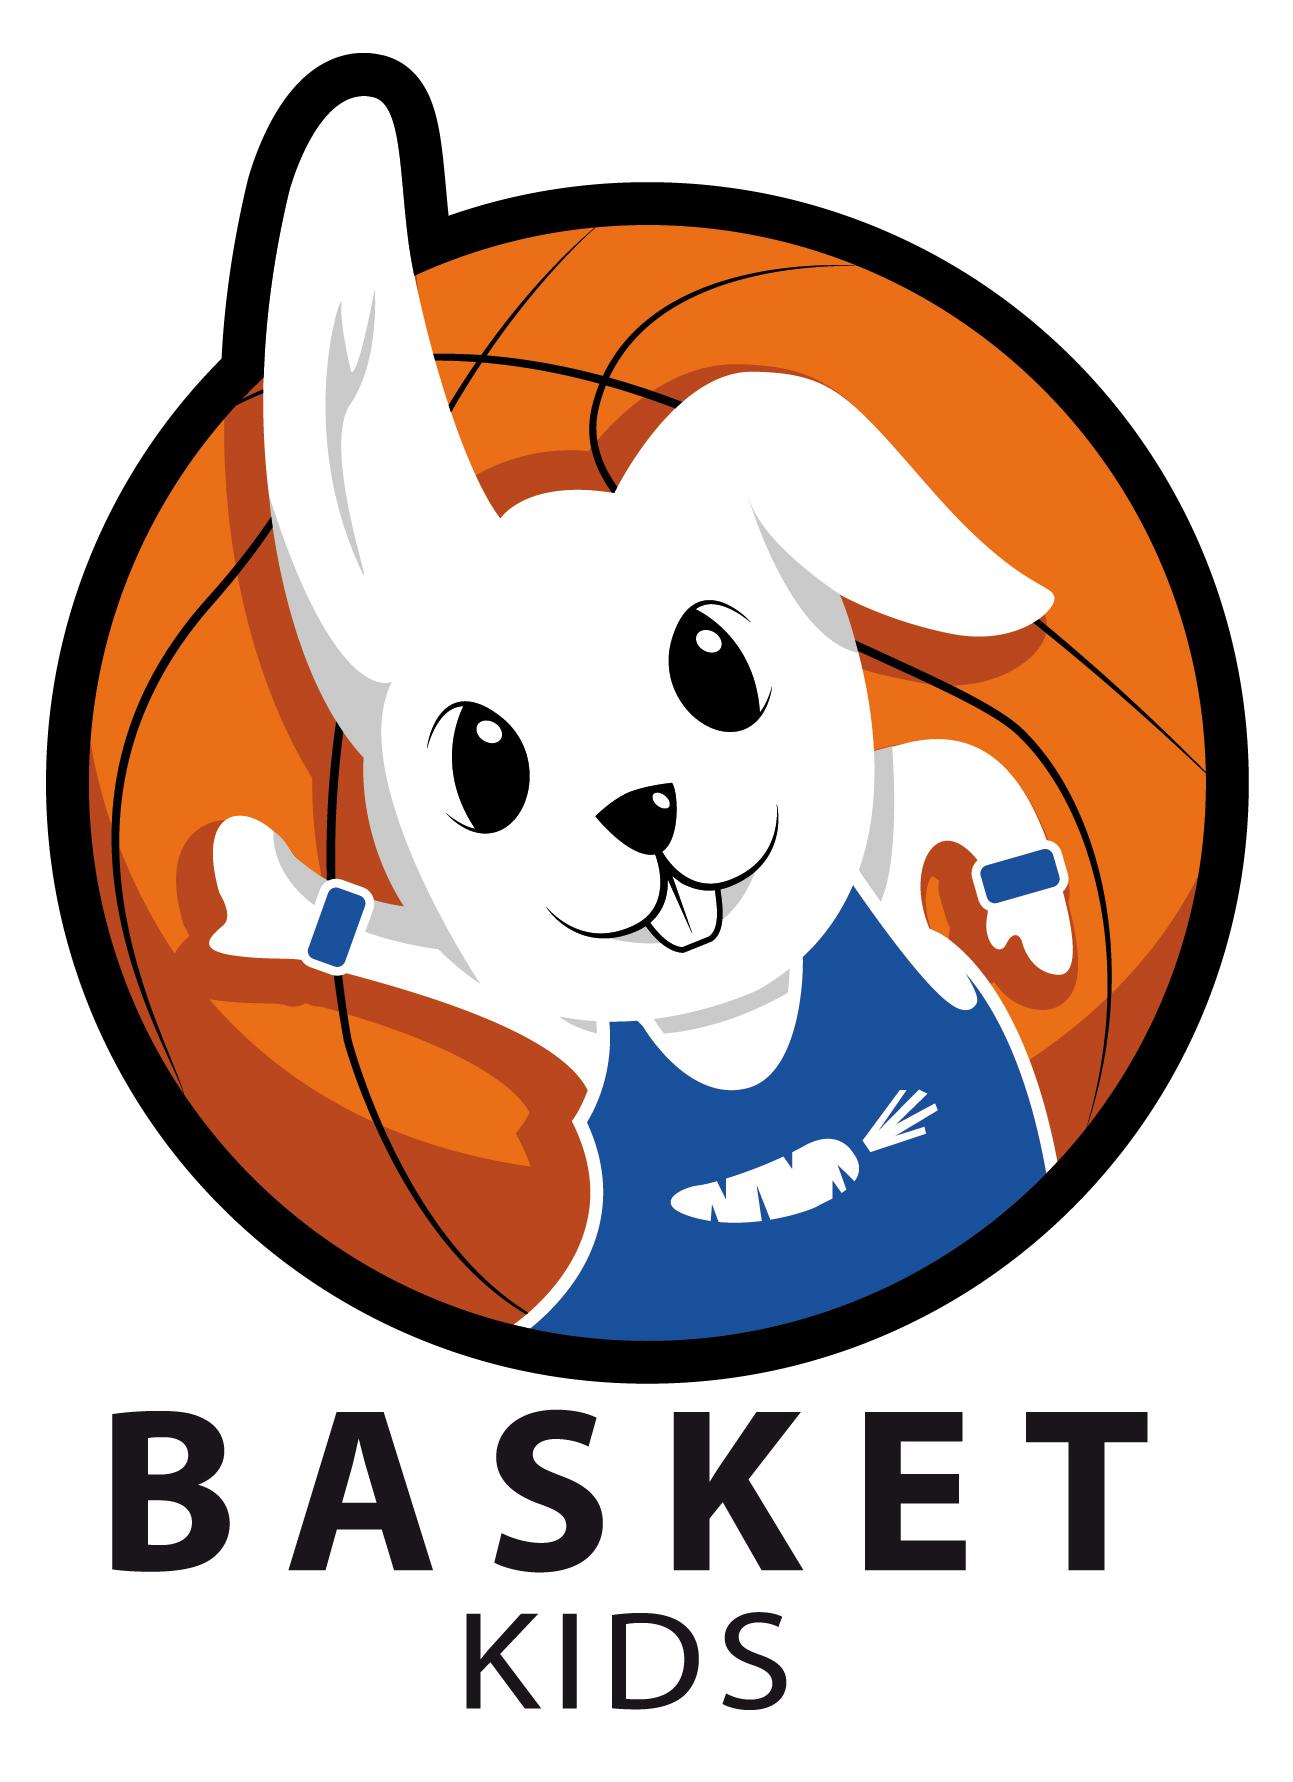 Bezpłatne pokazowe zajęcia ogólnorozwojowe z elementami koszykówki